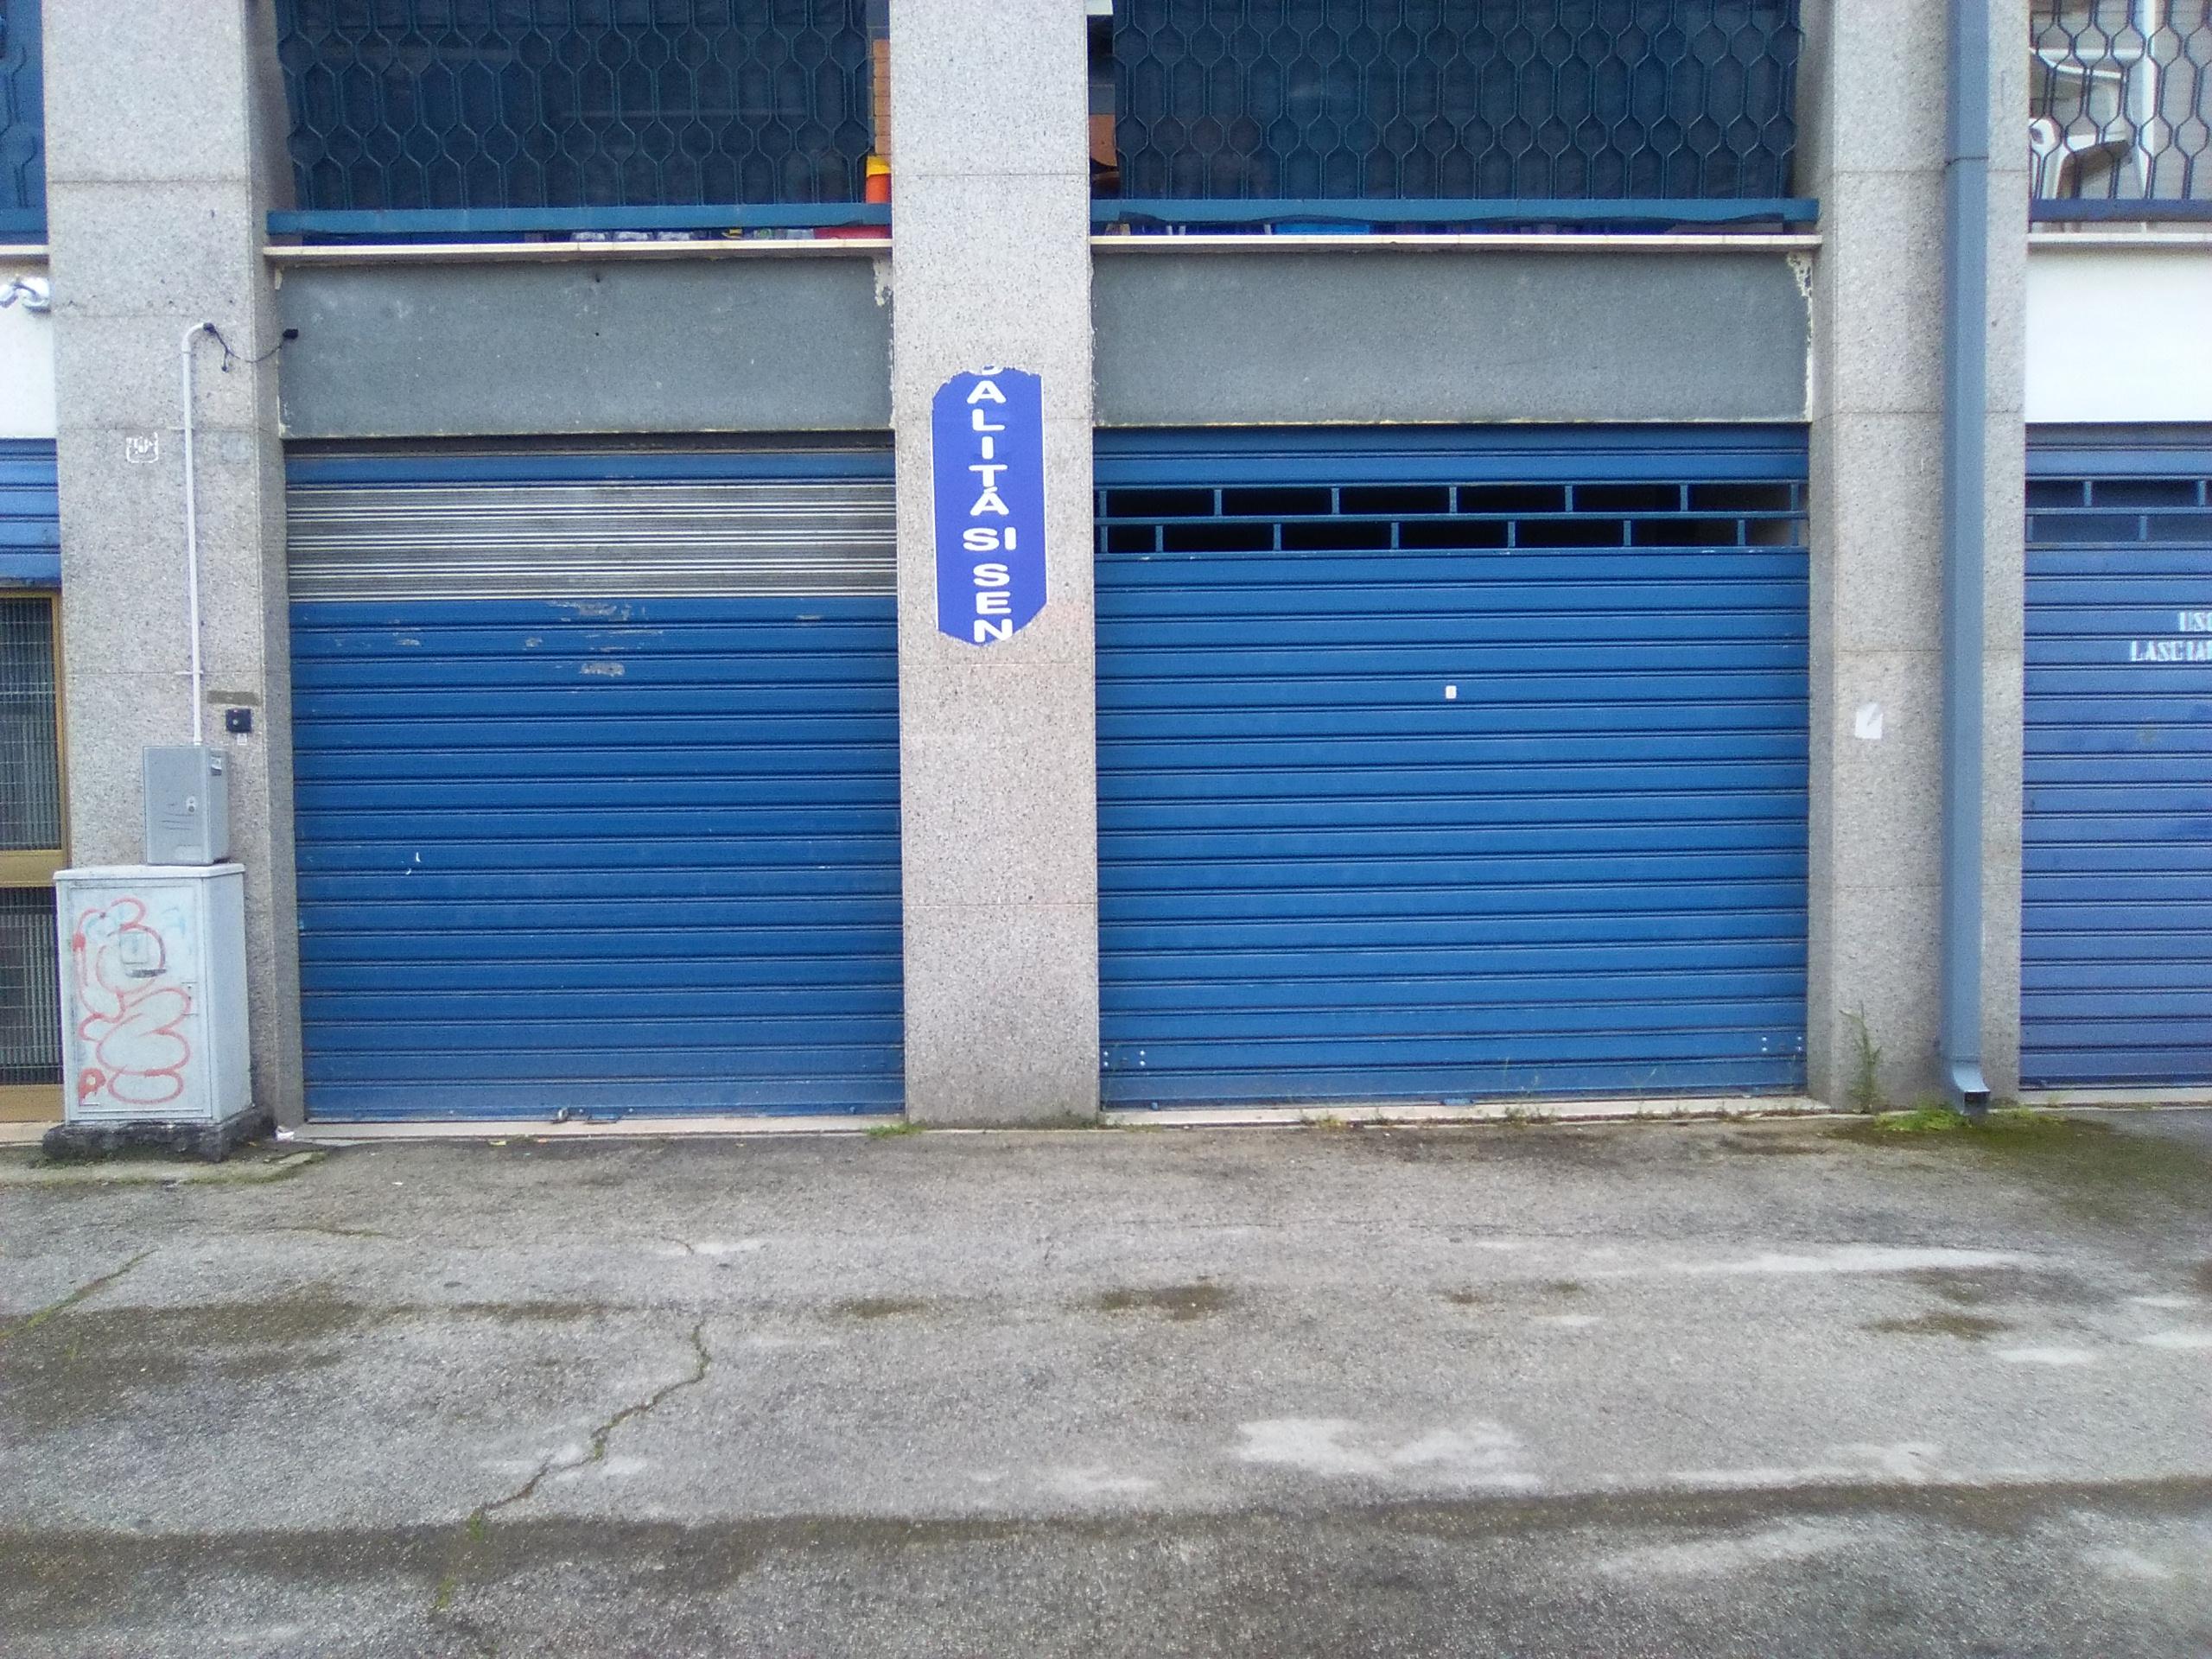 Locali in affitto a Foggia-Via L. Pinto locale commerciale su due livelli